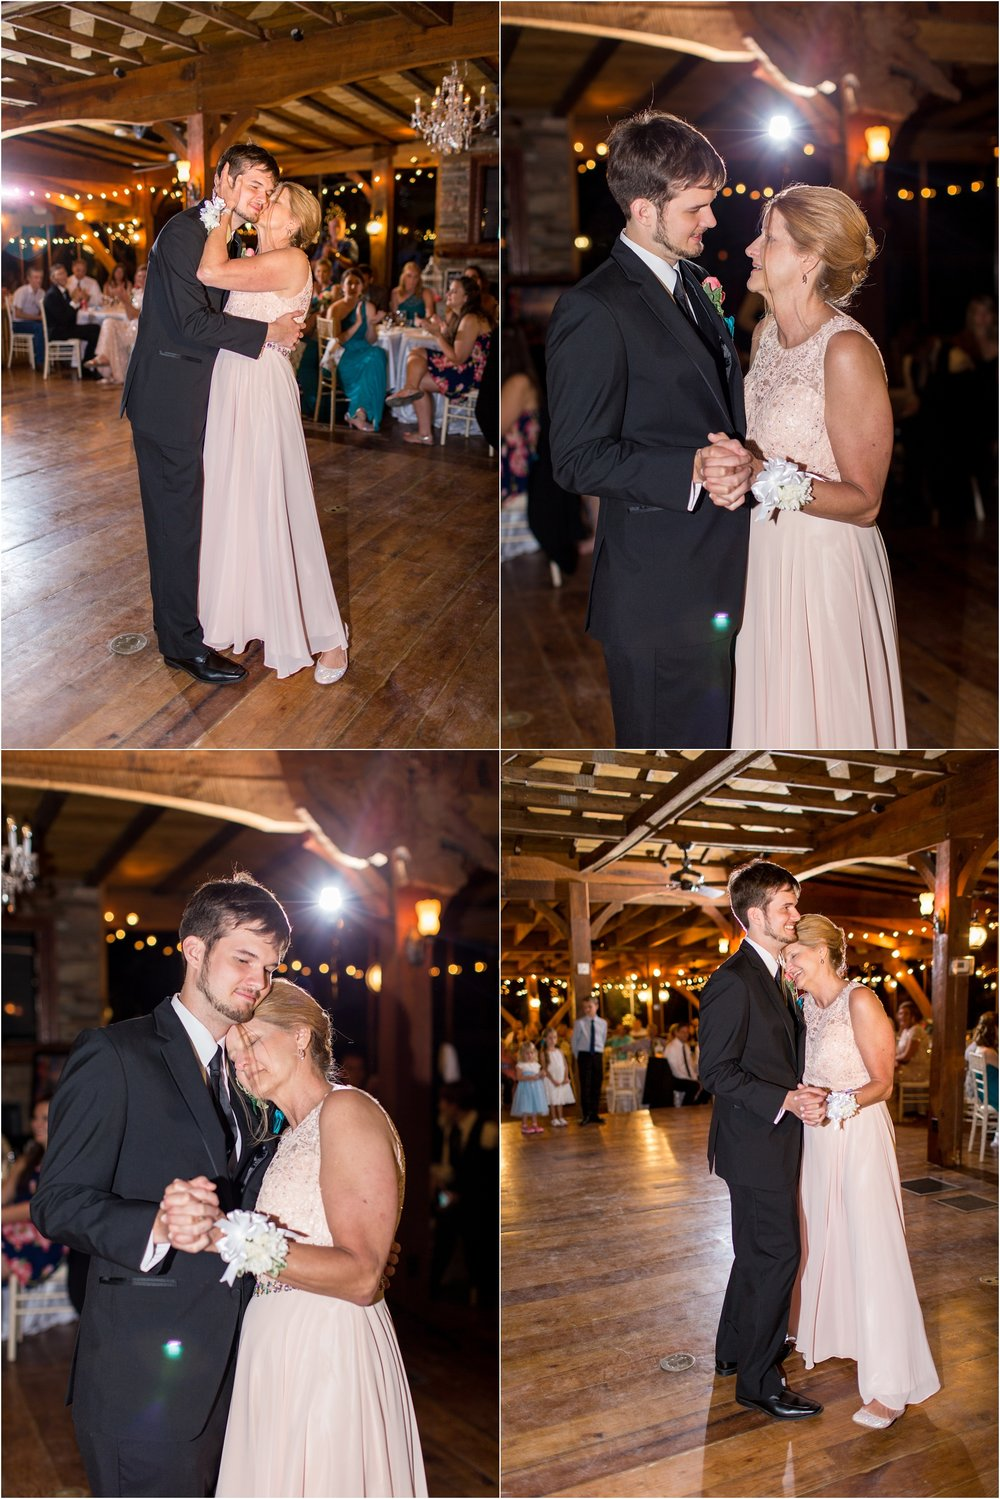 Savannah Eve Photography- Roberts-Brown Wedding- Sneak Peek-113.jpg